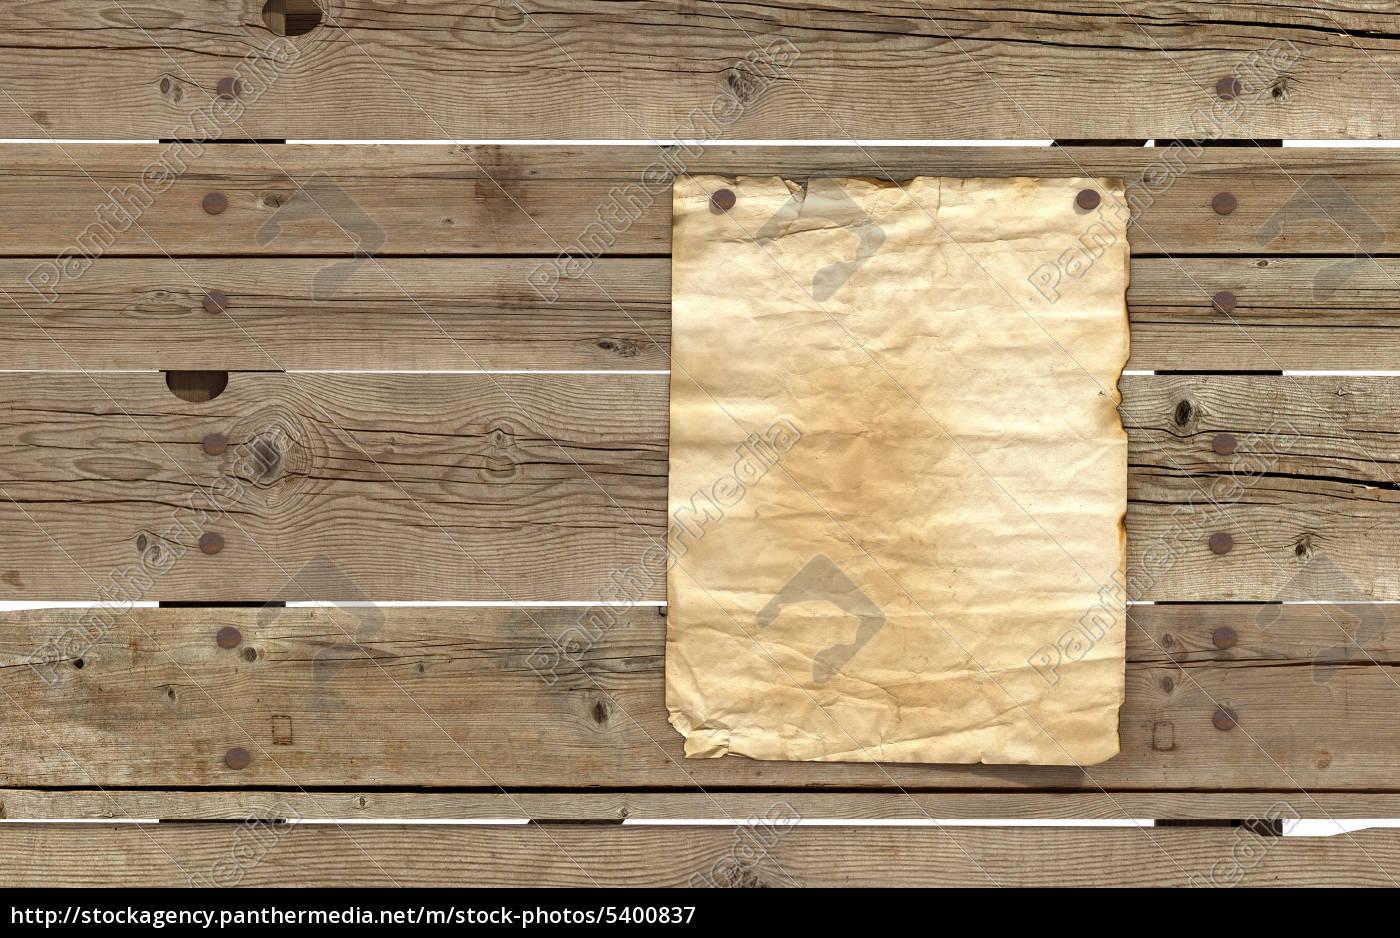 alte papier auf holzbohlen - stockfoto - #5400837 - bildagentur